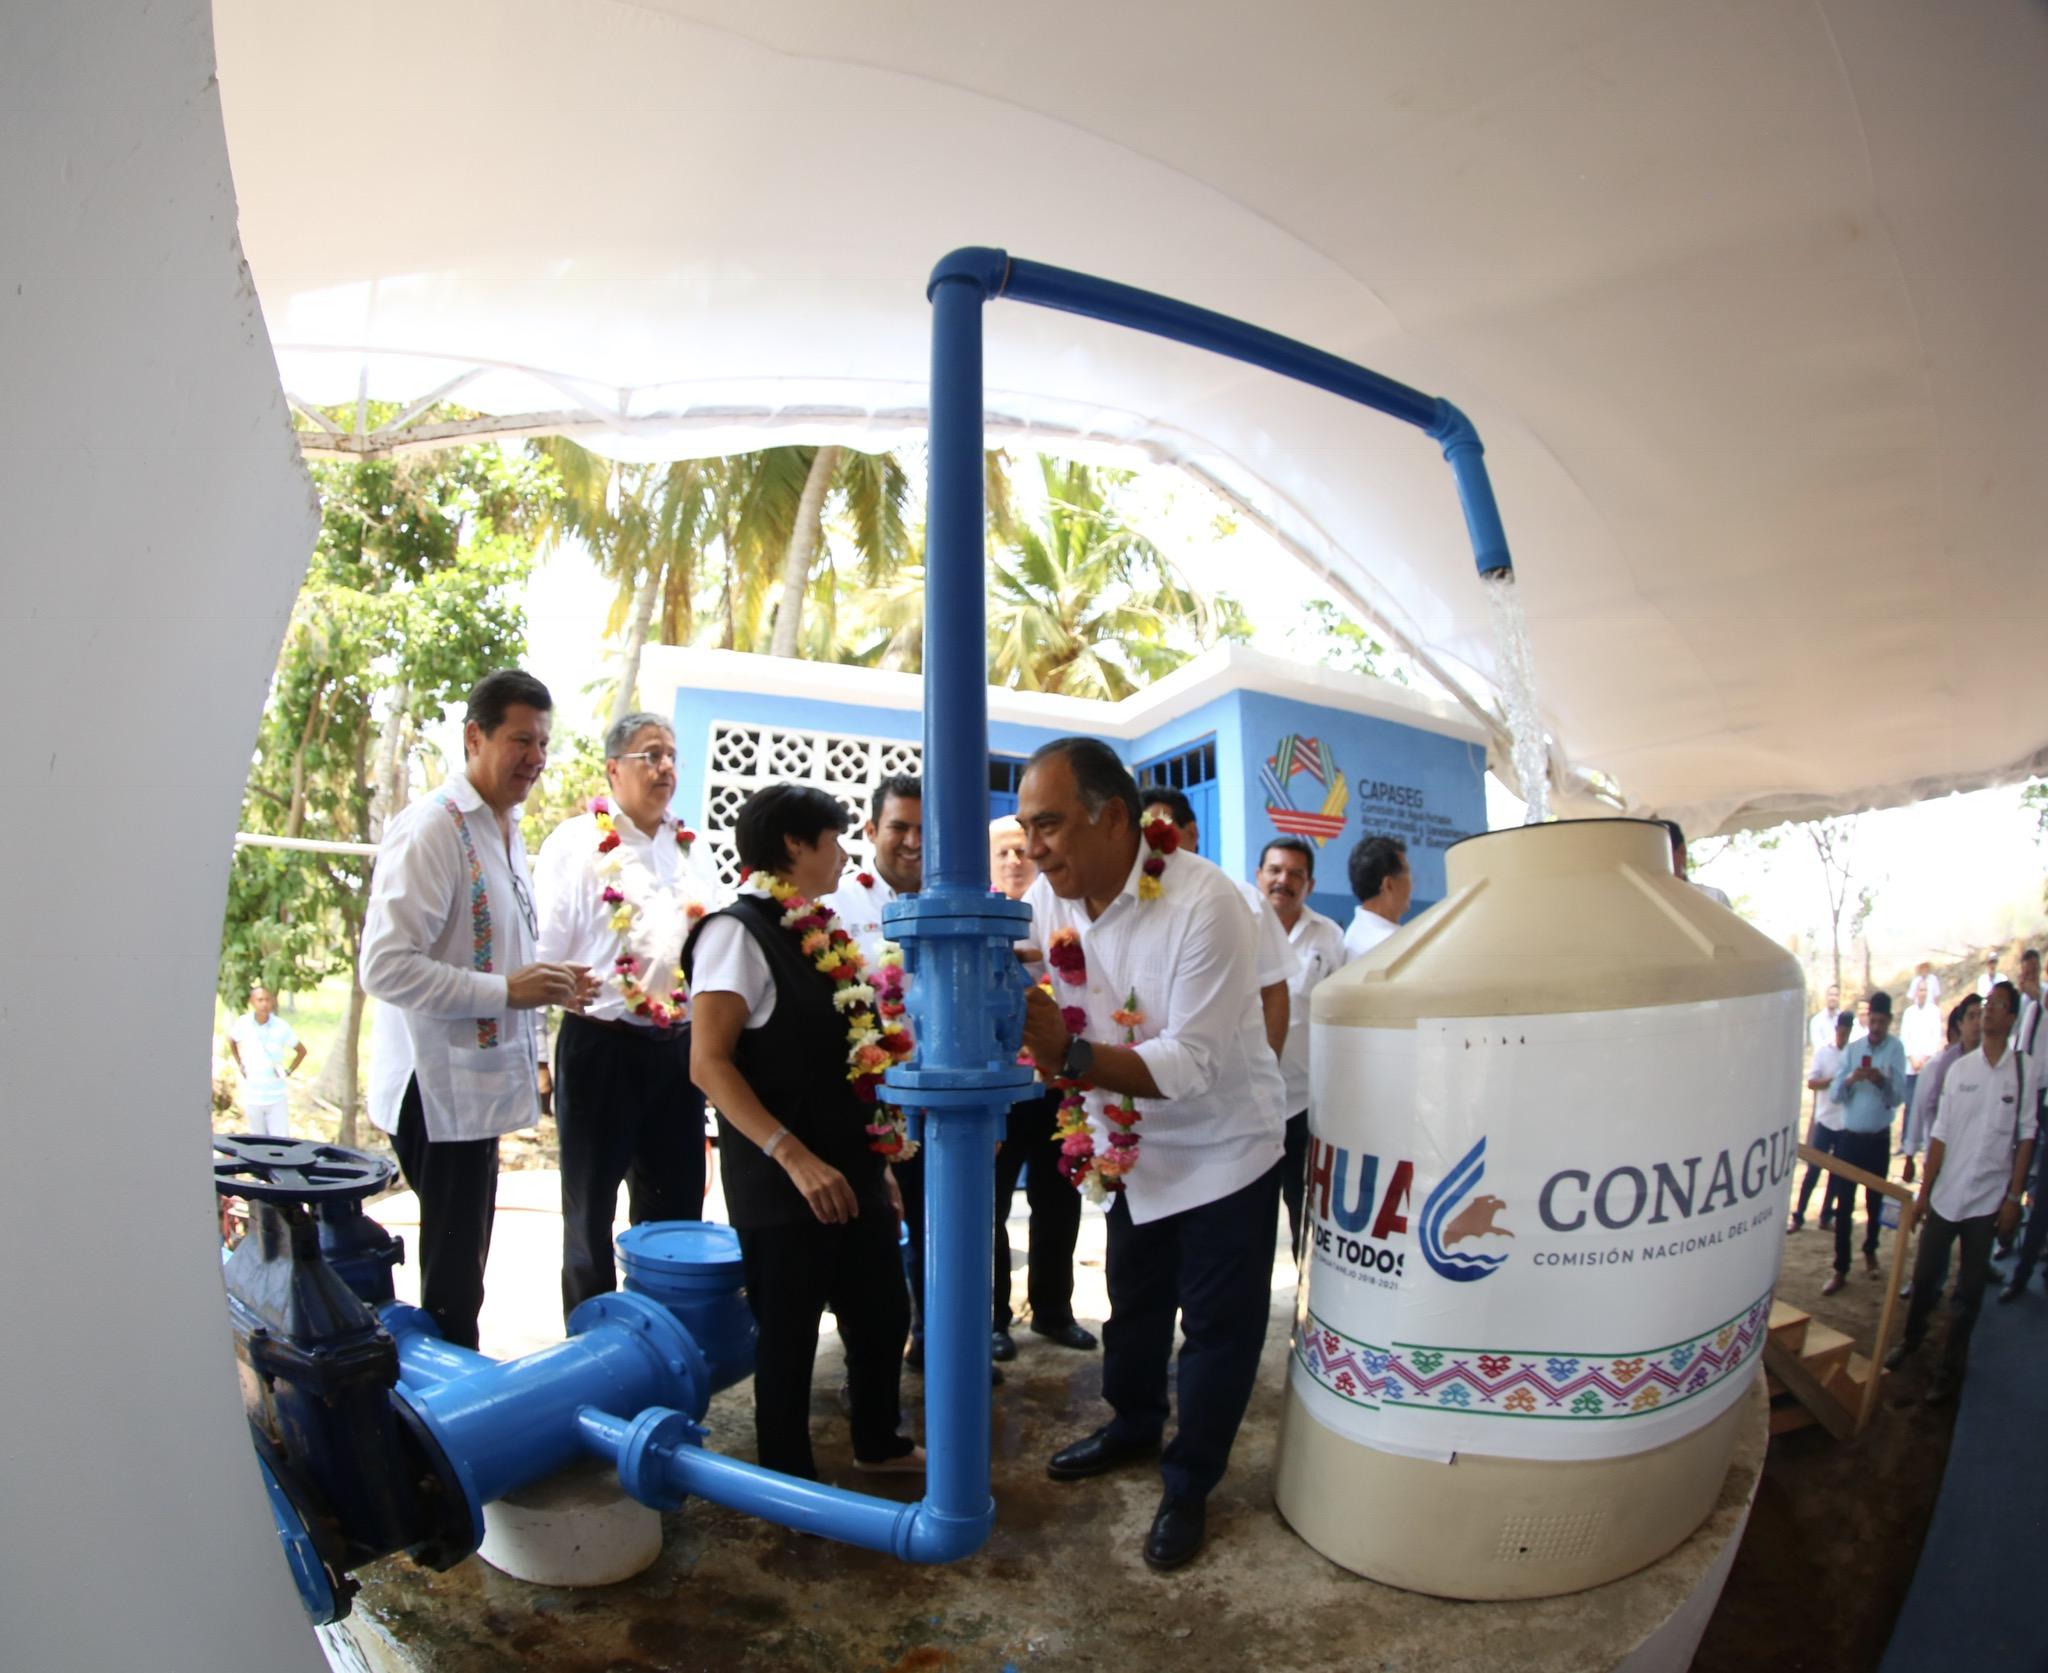 En gira con el Gobernador de Guerrero, Héctor Astudillo Flores, se hizo entrega de la ampliación de la Red de Distribución del Sistema de Agua Potable de San José Ixtapa y de la construcción de la Línea de Conducción del Pozo 1 a Playa Linda.